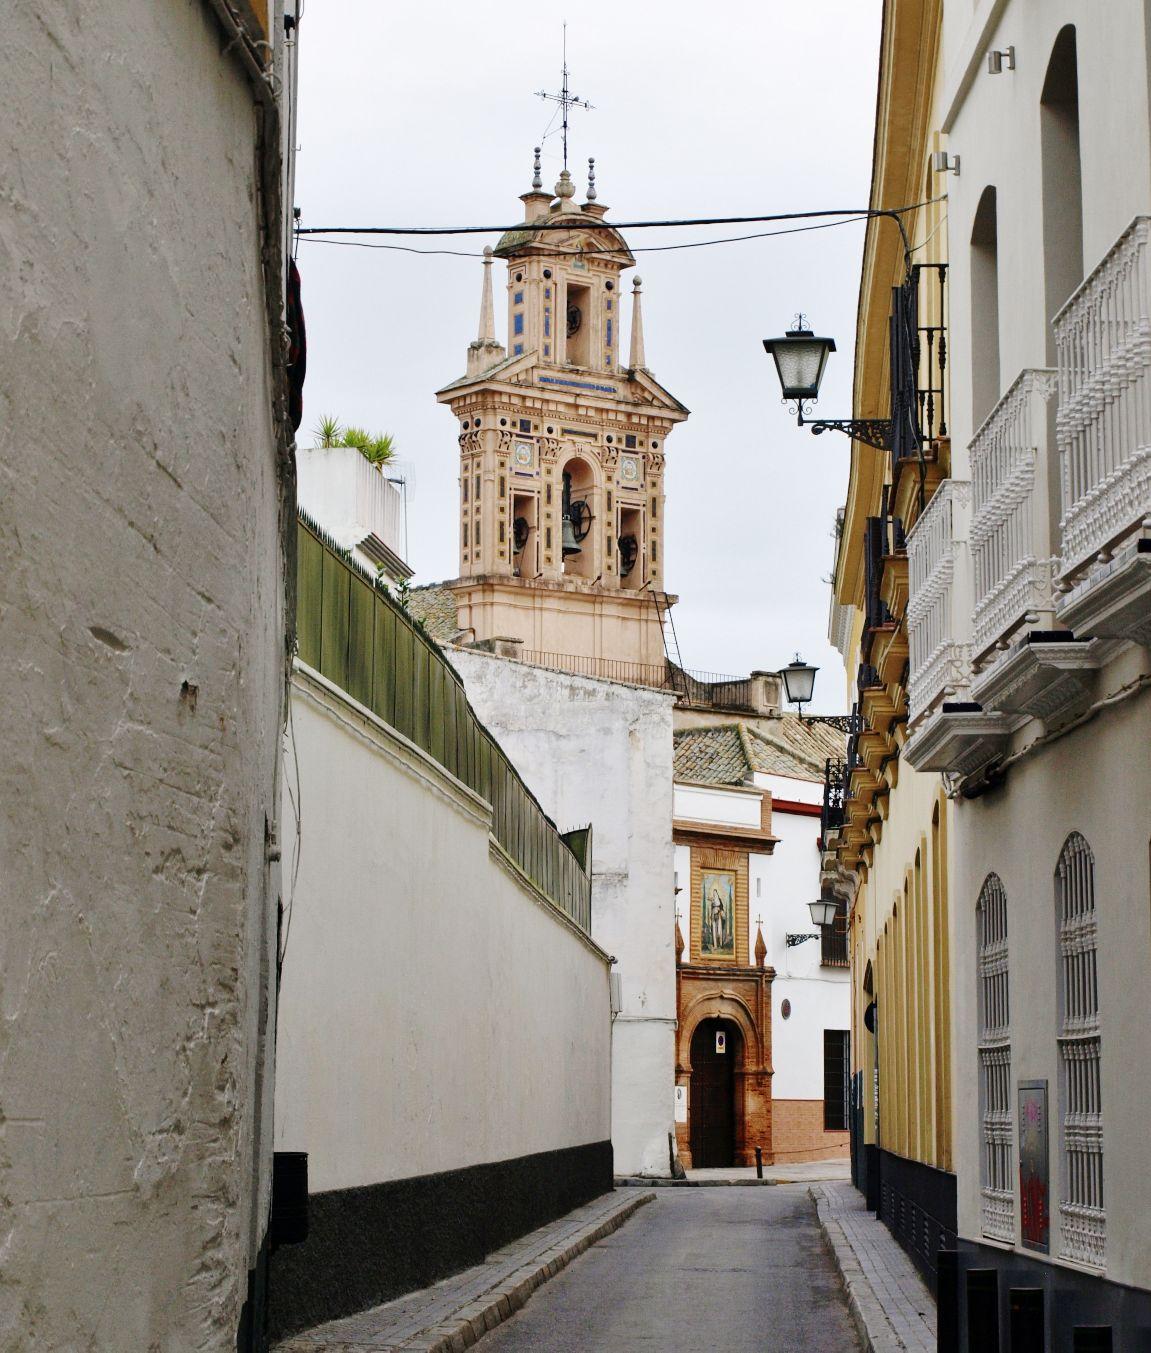 http://sevilladailyphoto.blogspot.com/2013/01/la-espadana-del-convento-de-santa-paula.html